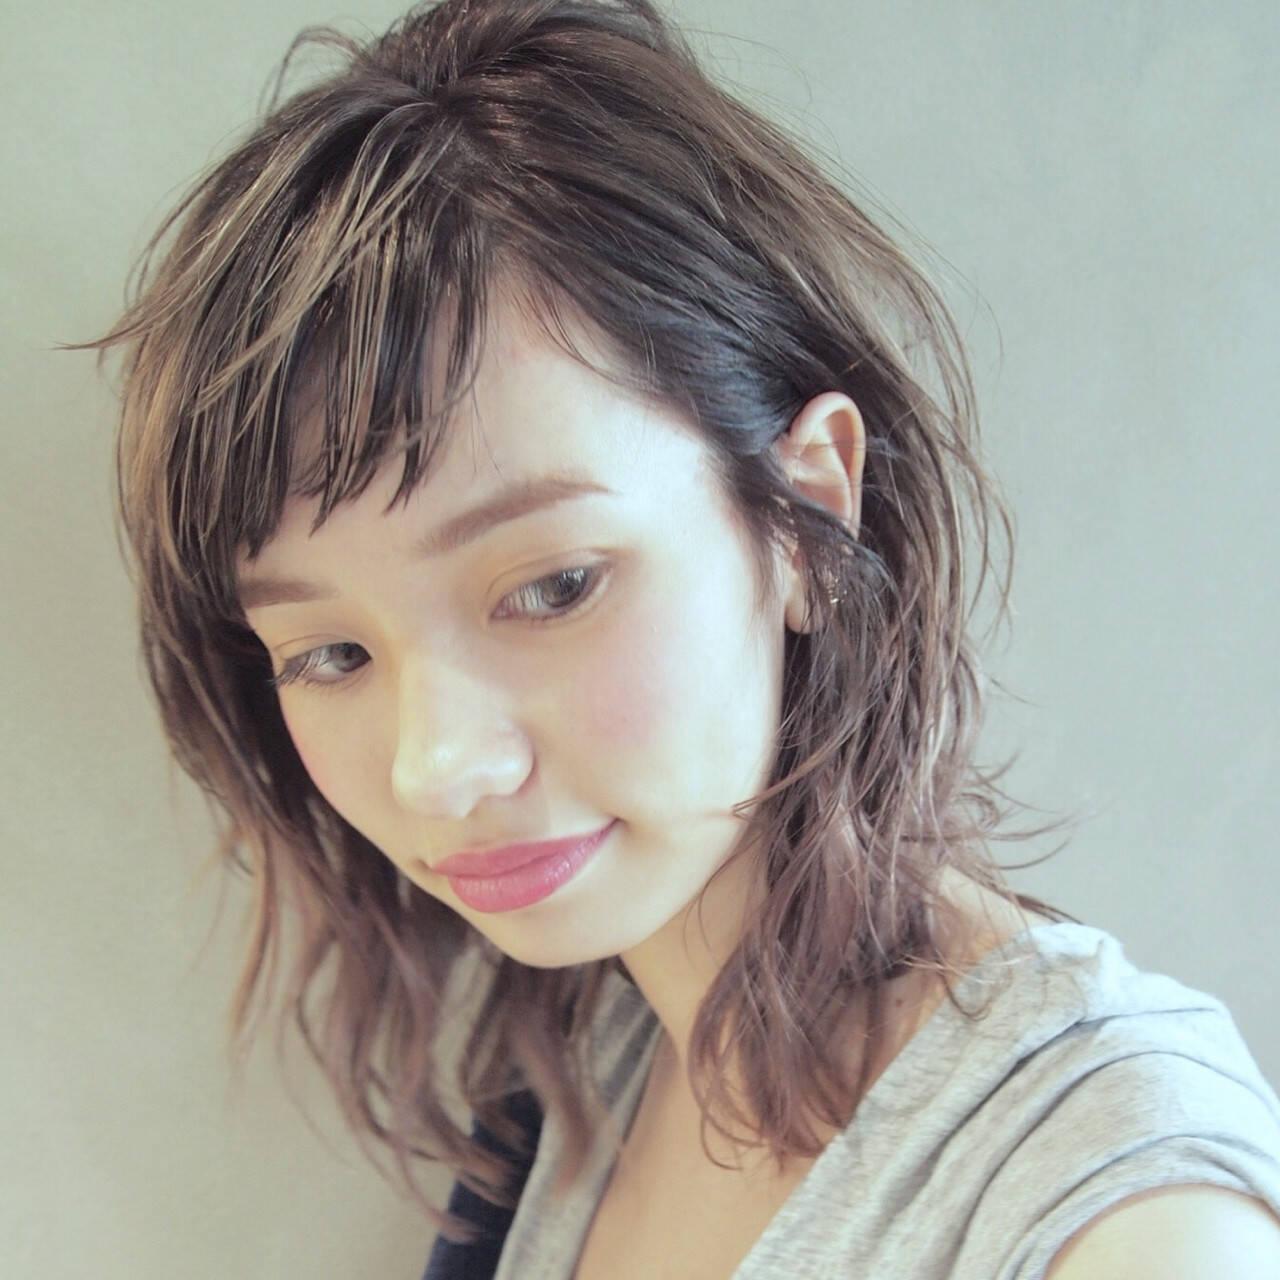 ウルフカット ミディアム オン眉 前髪ありヘアスタイルや髪型の写真・画像